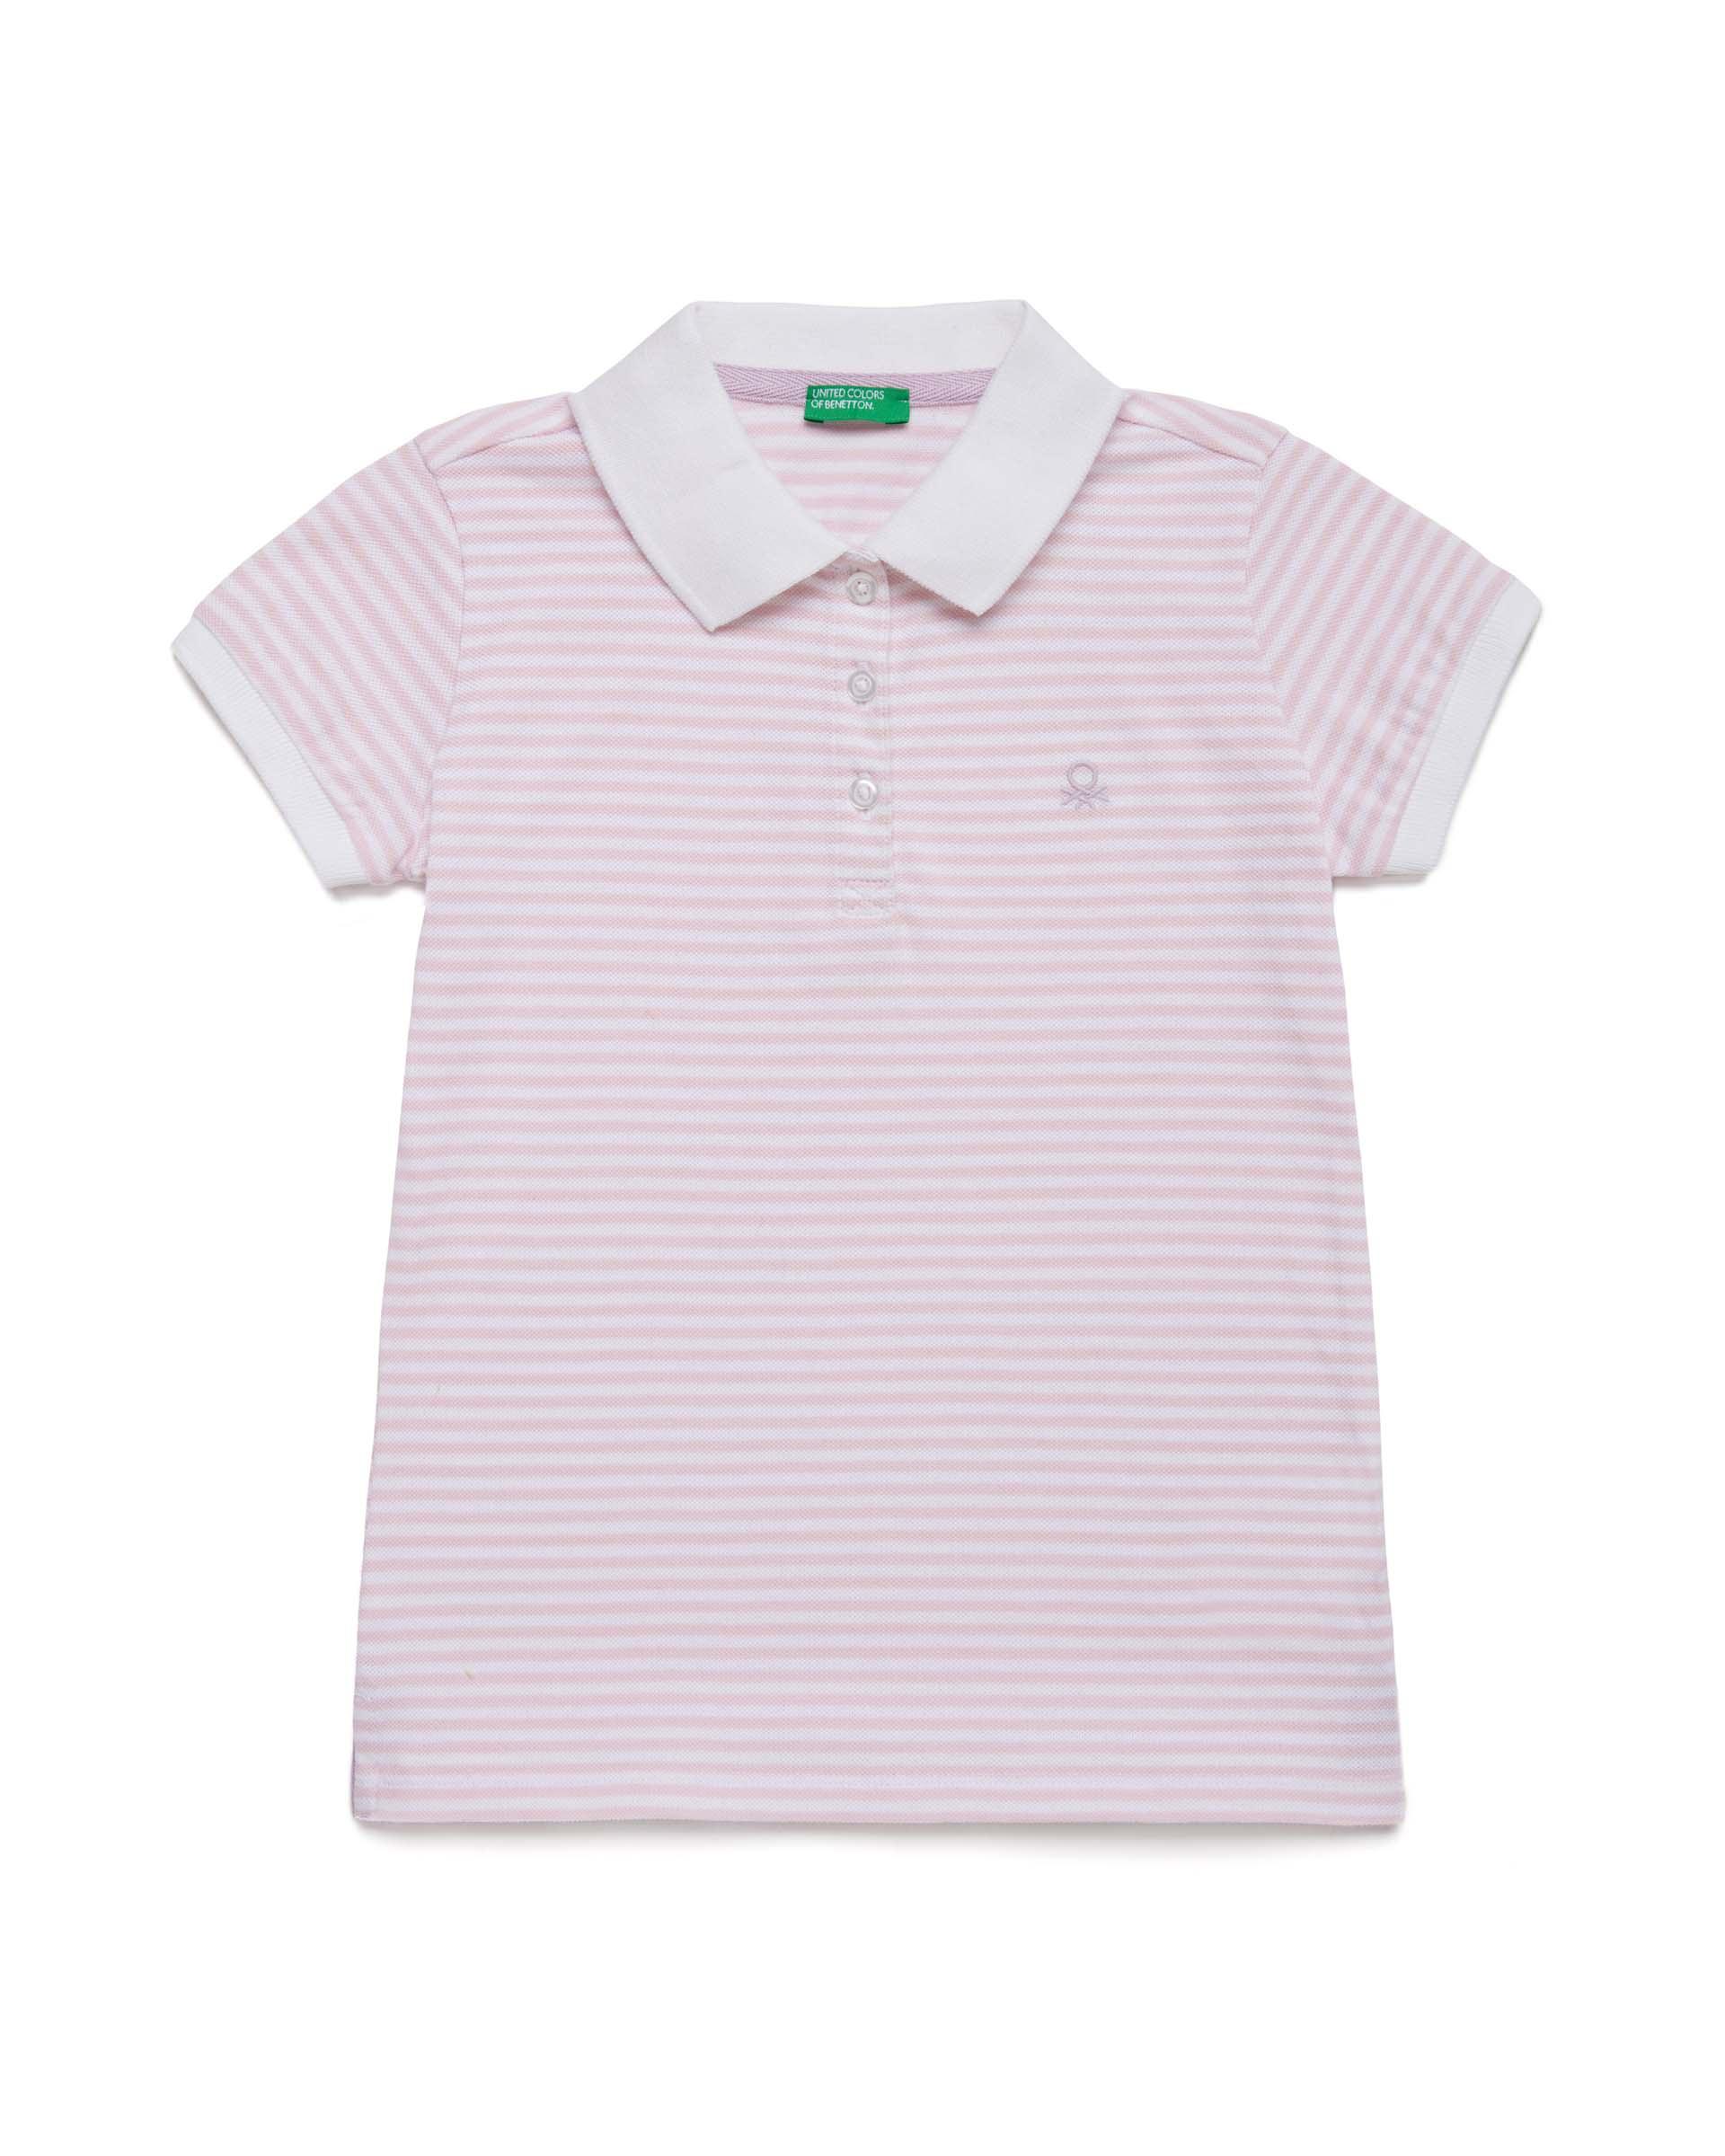 Купить 20P_3PK6C3126_69G, Поло-пике для девочек Benetton 3PK6C3126_69G р-р 92, United Colors of Benetton, Кофточки, футболки для новорожденных